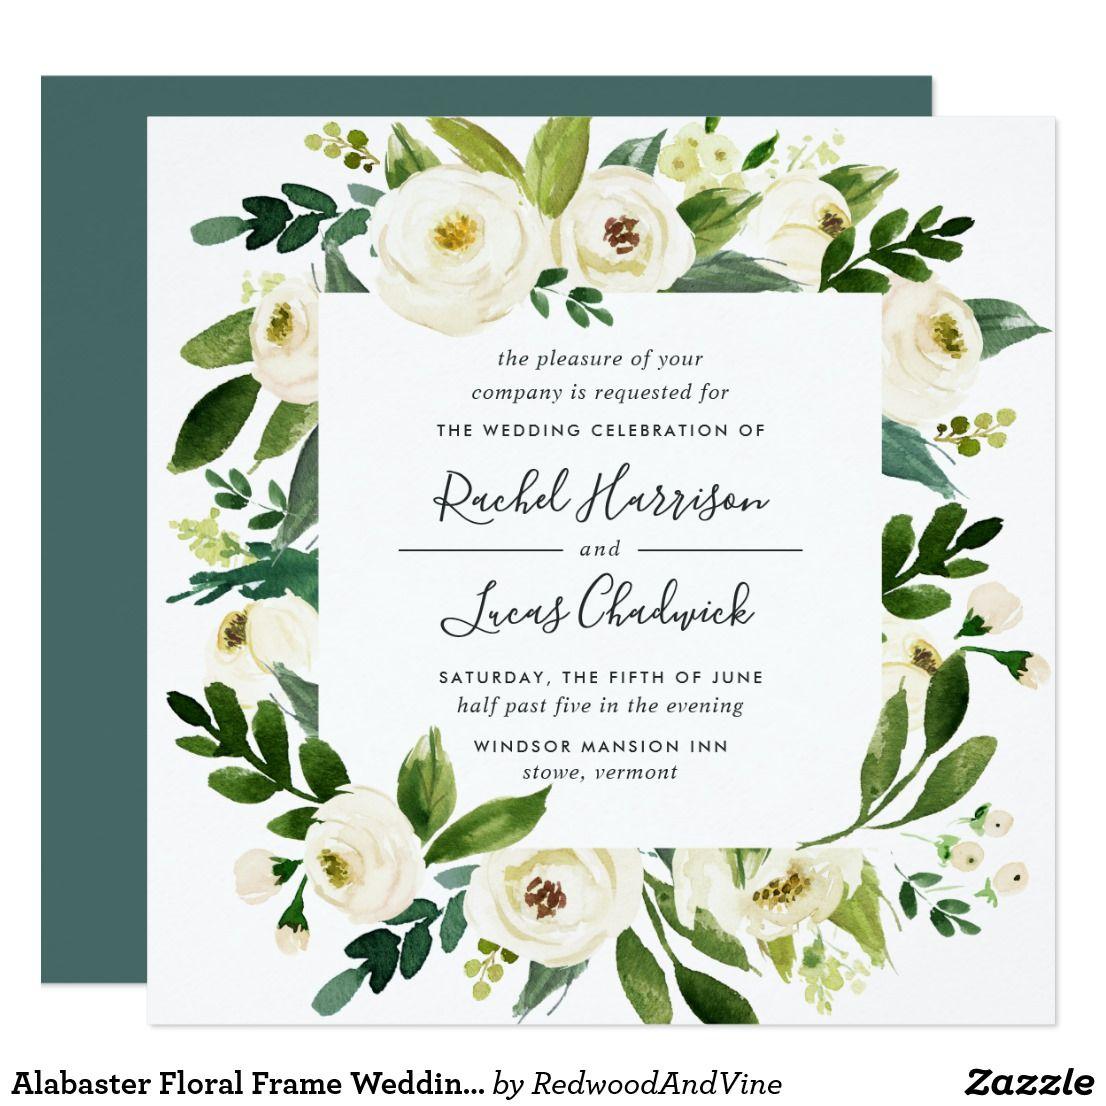 Alabaster Floral Frame Wedding Invitation | Square | { Wedding ...